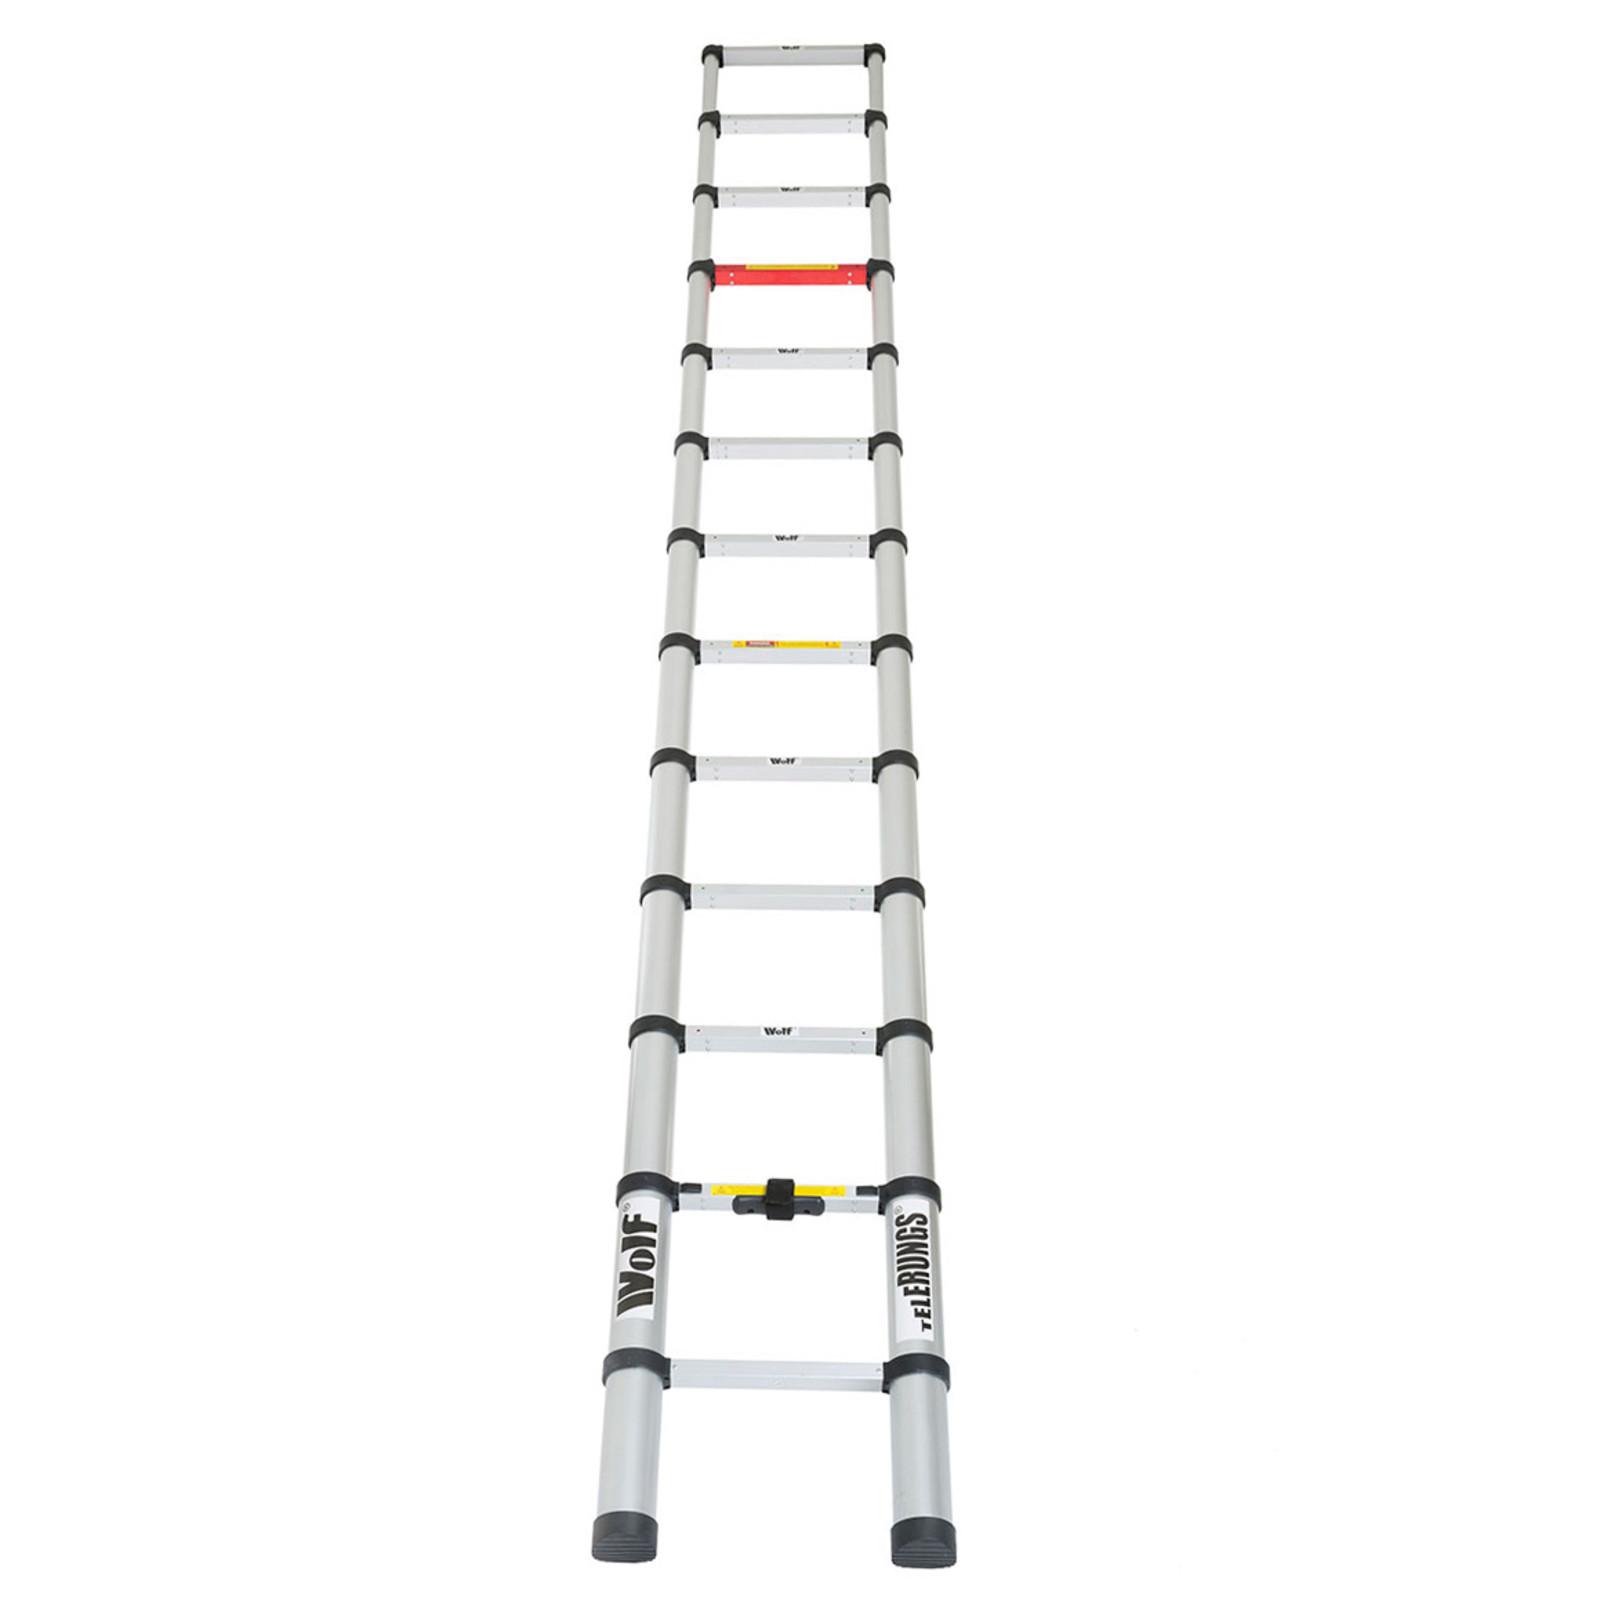 Wolf Telerungs 3 8 Metre Telescopic Ladder